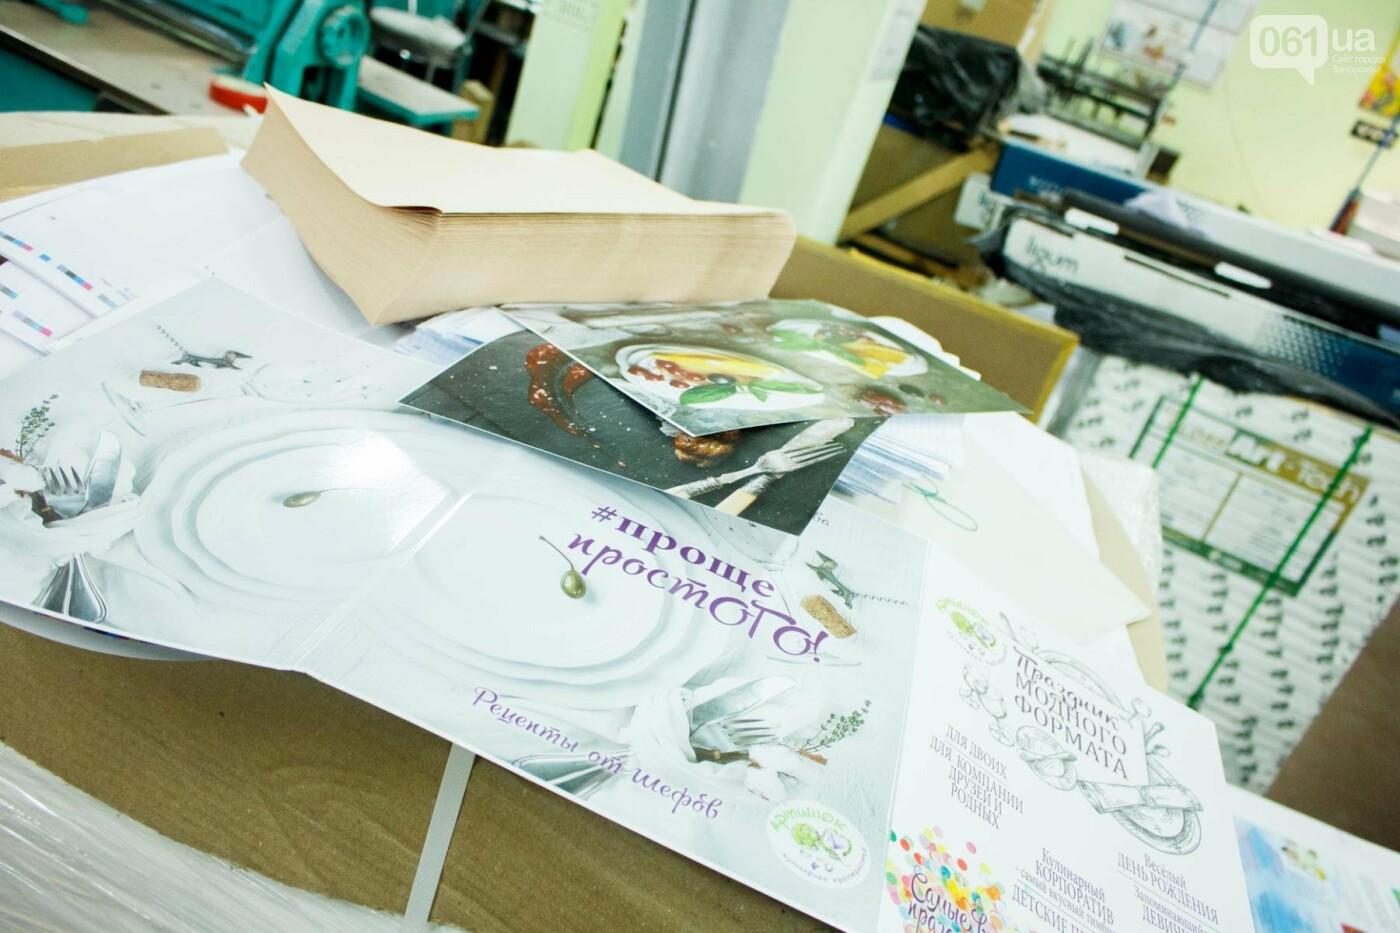 Как в Запорожье печатают газеты: экскурсия в типографию, - ФОТО, ВИДЕО, фото-28